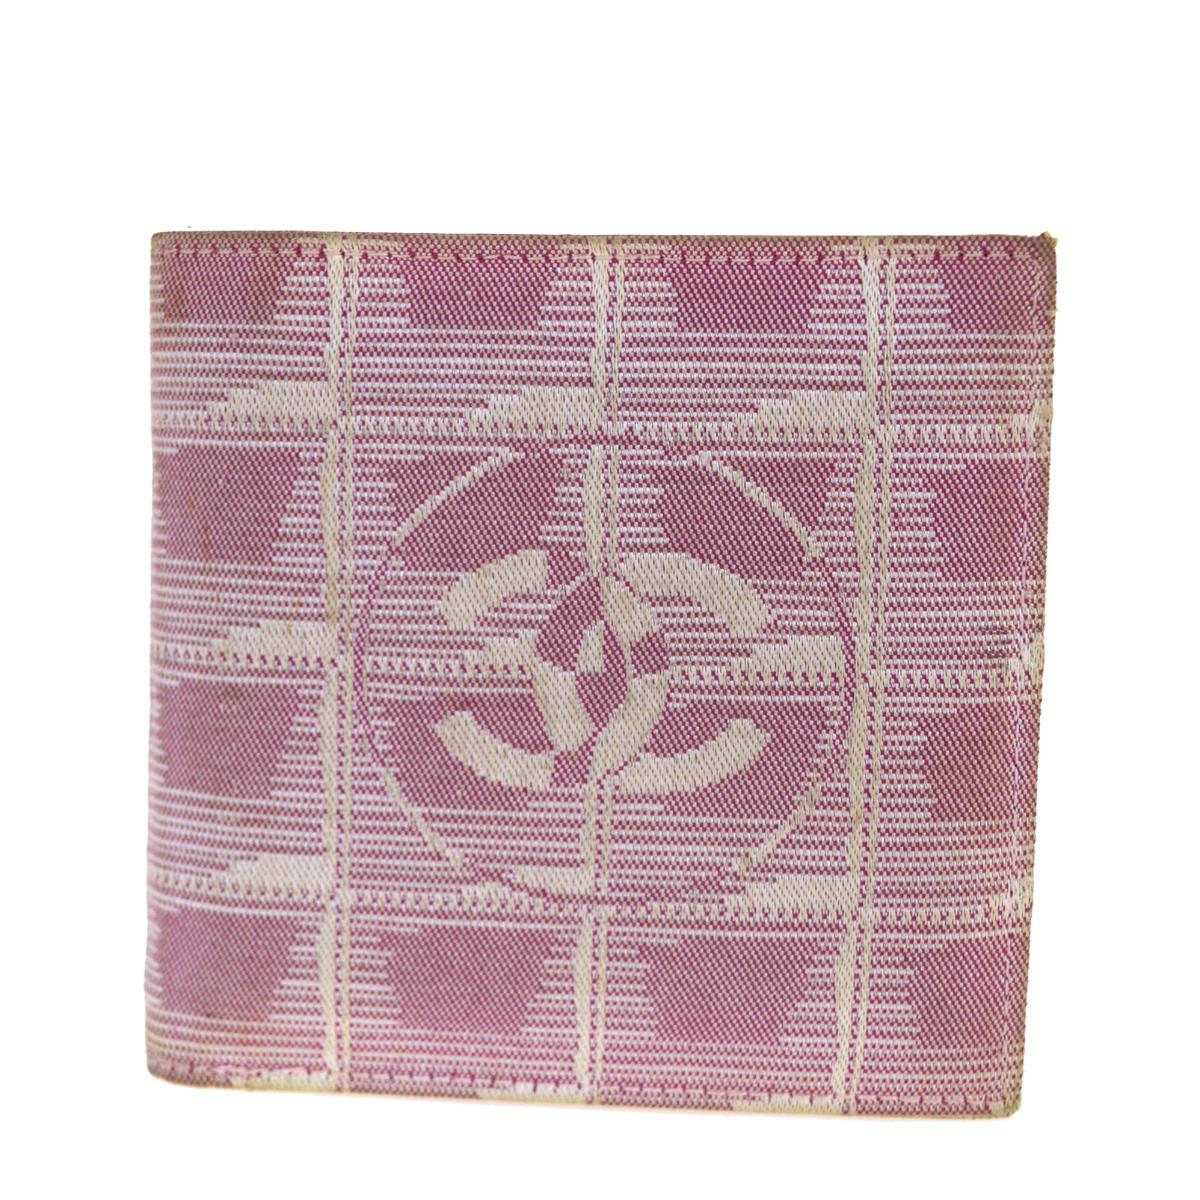 【中古】 シャネル(Chanel) ニュートラベルライン ジャカード 財布(二つ折り) ピンク 08PA330